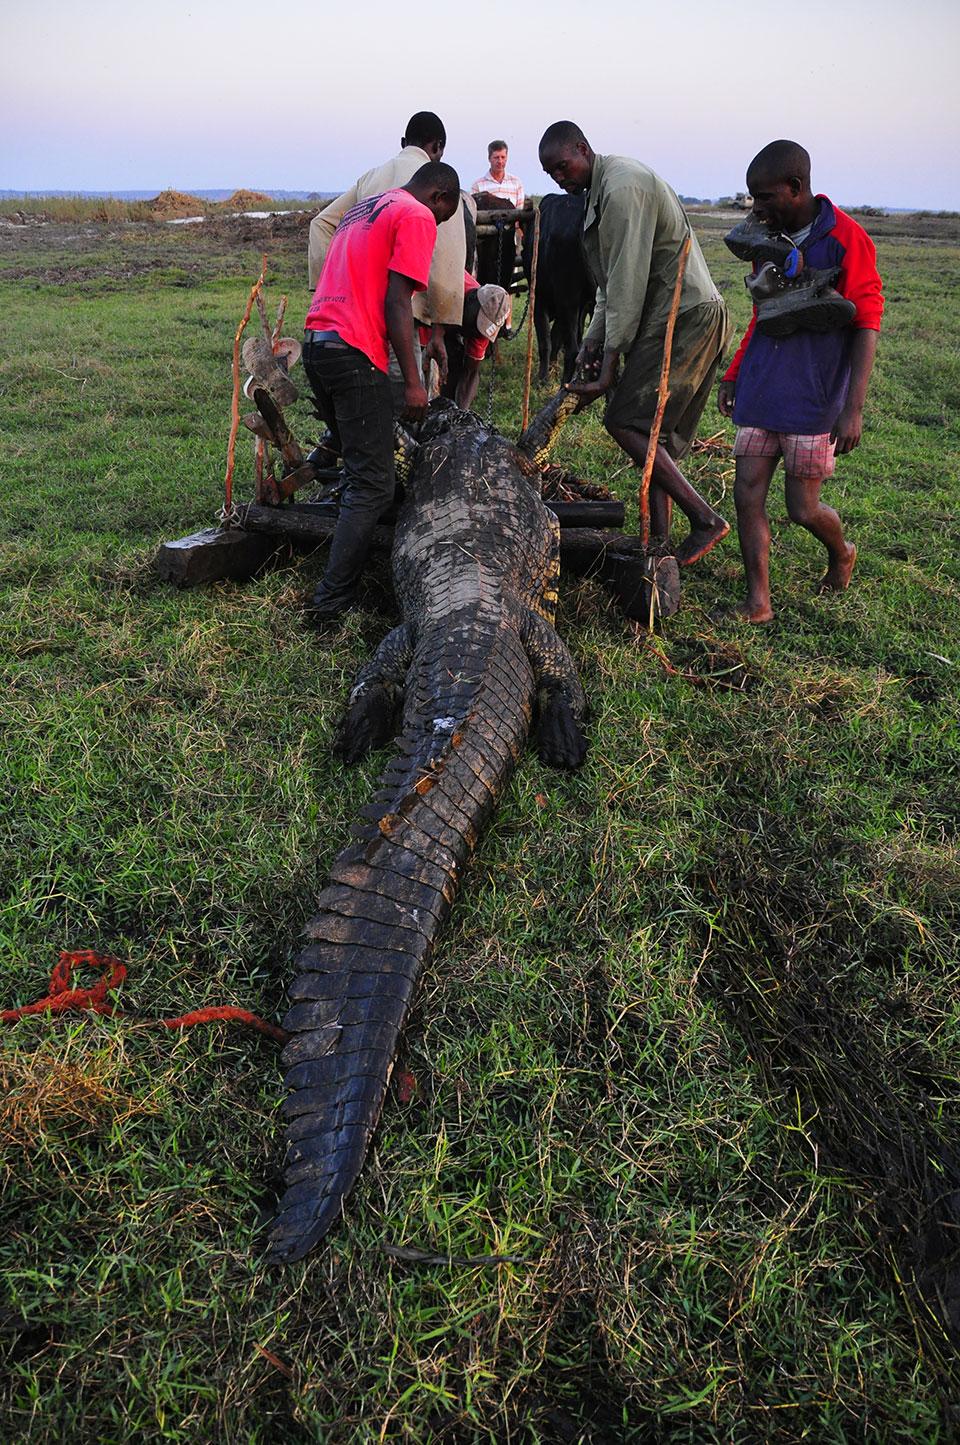 Huge-Crocodile-Trophy-hunt-Africa.jpg